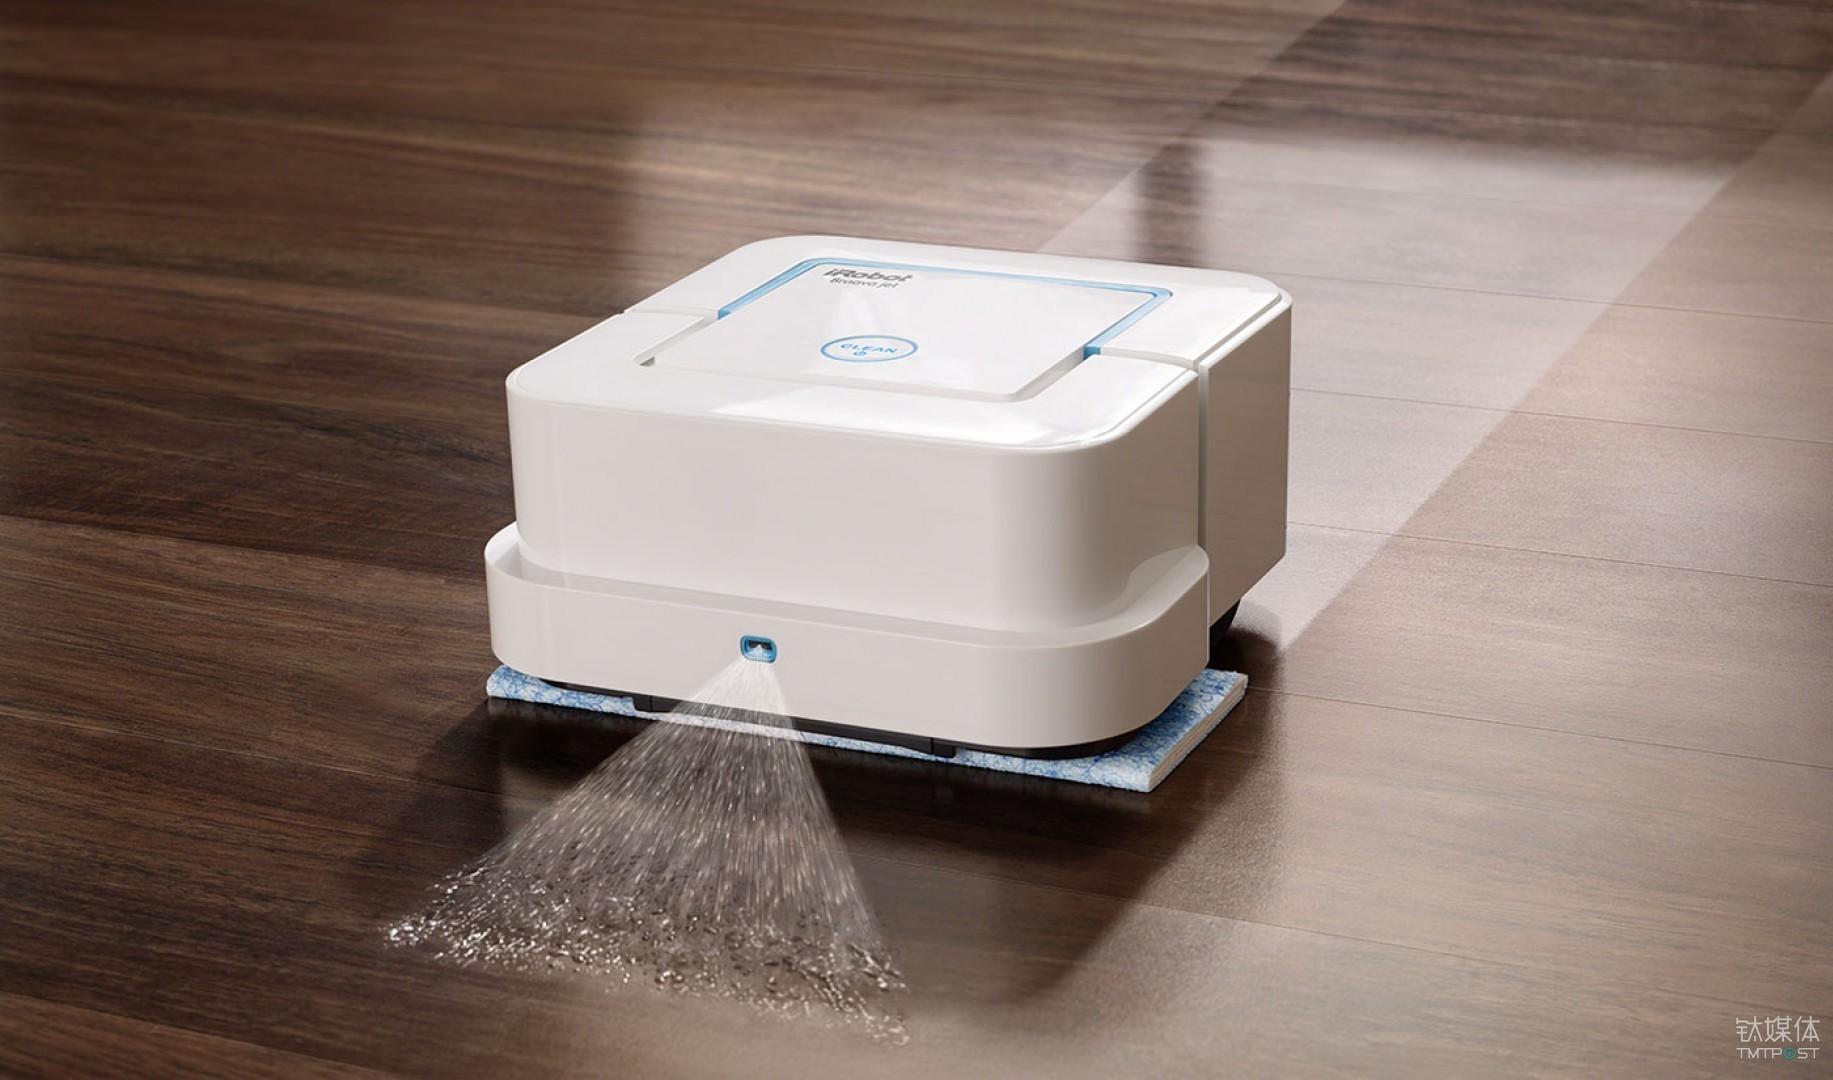 Braava jet 喷水擦地机器人